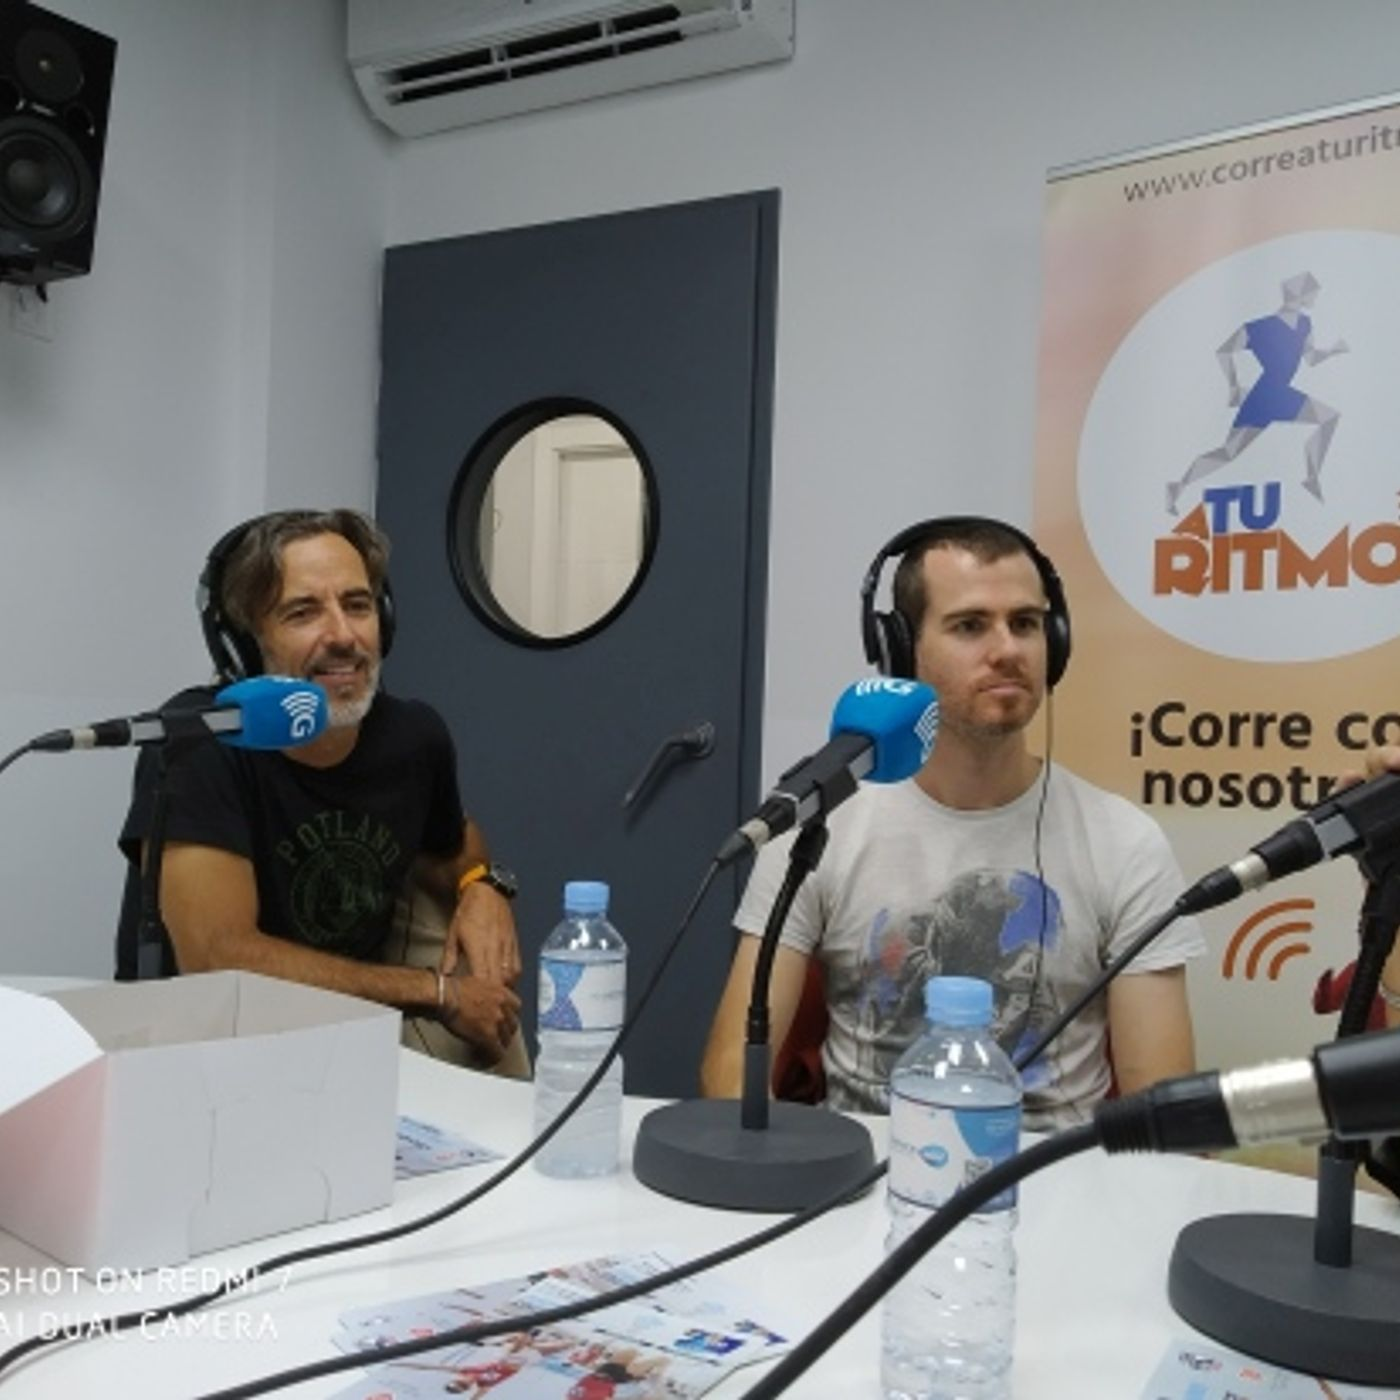 ATR 9x01 - Calendario carreras otoño, delegada deportes de Madrid y presentación temporada